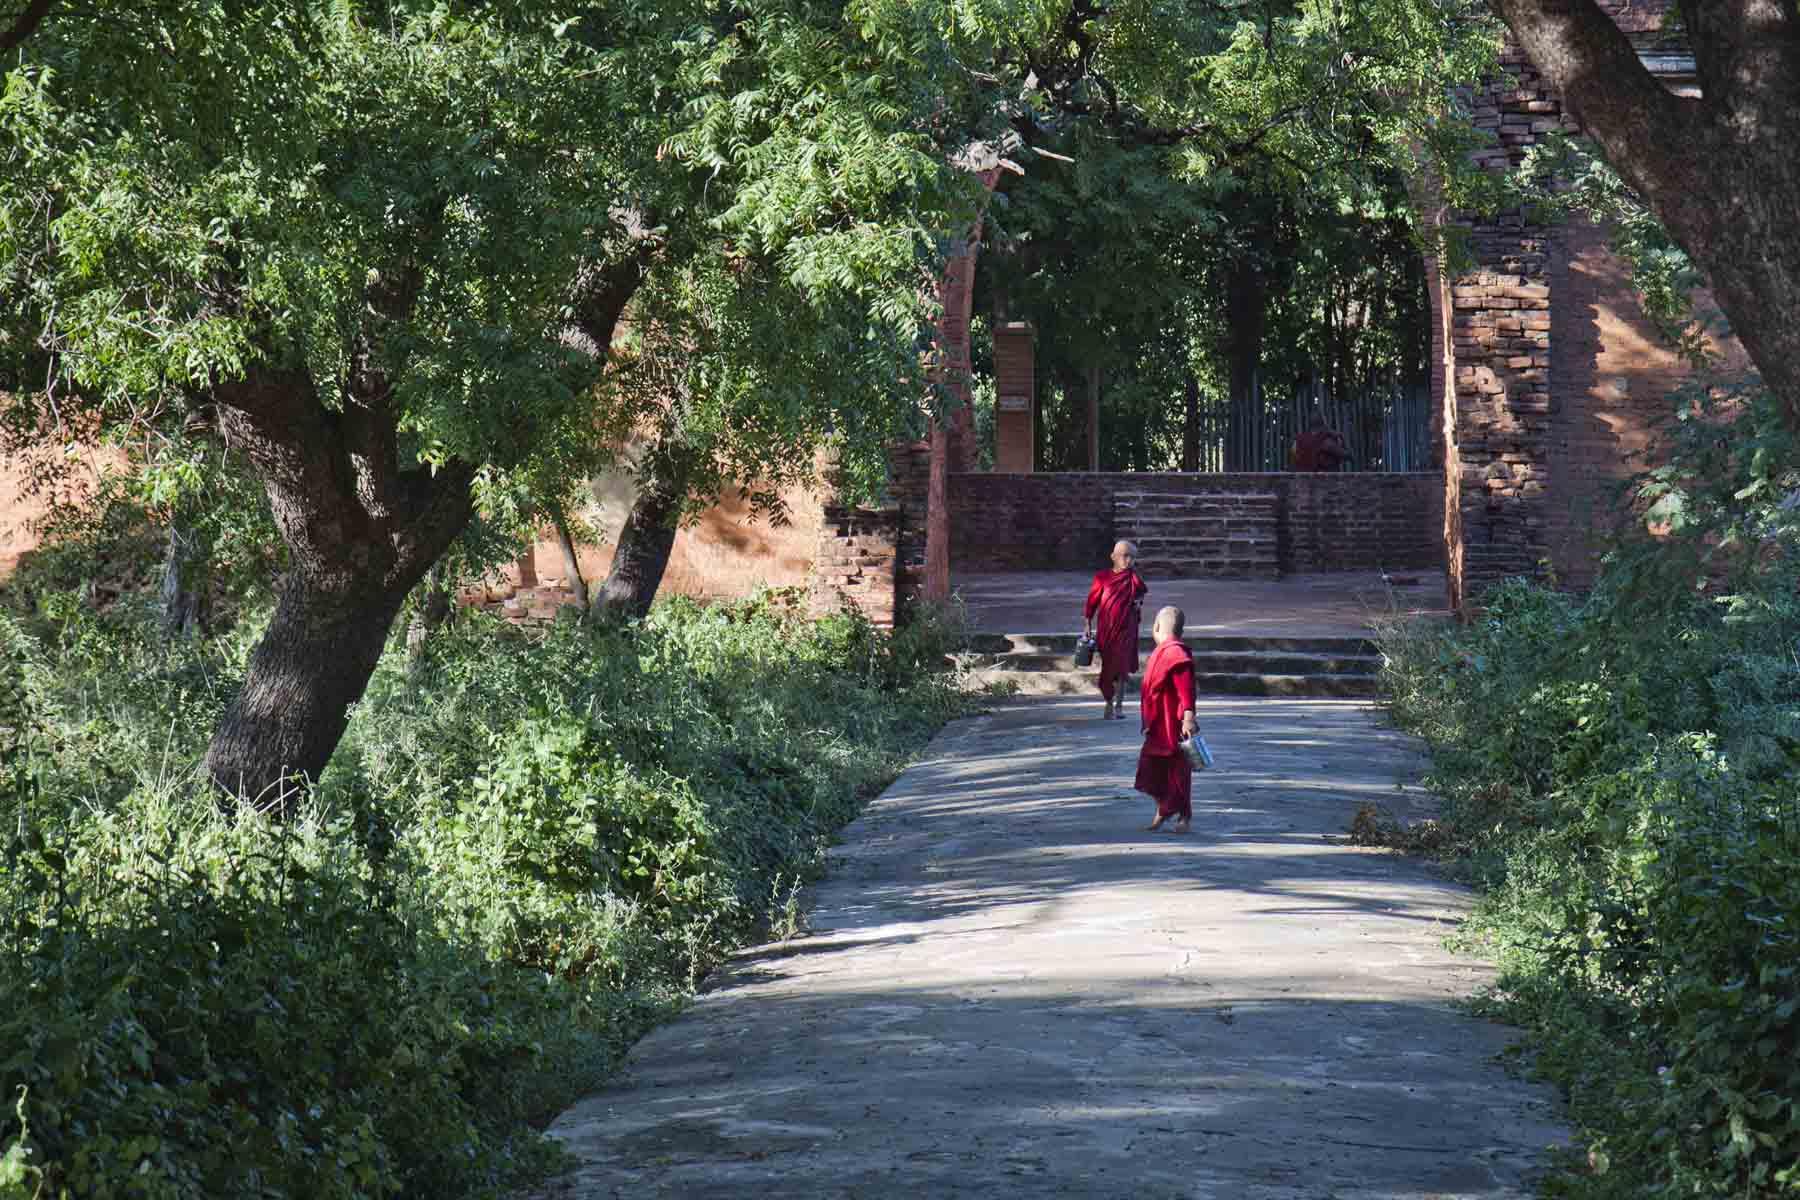 Monks and garden paths at Sulamani Paya